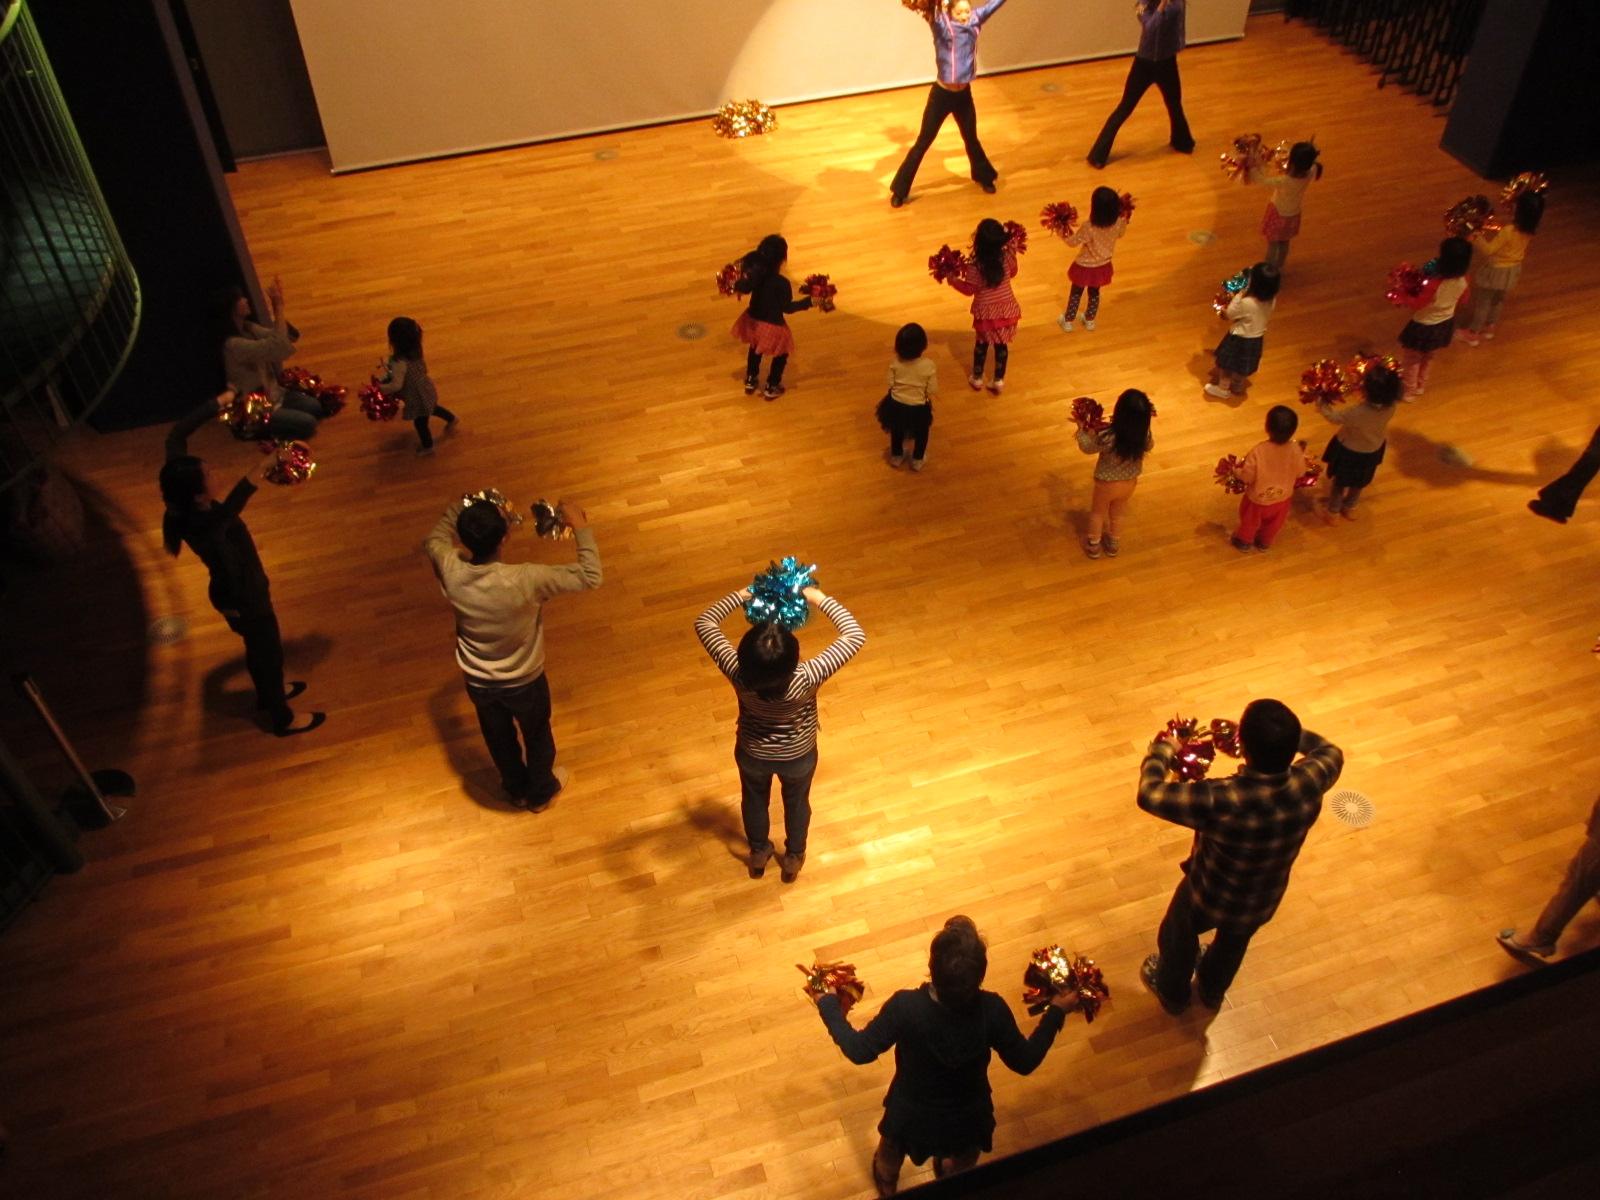 5月4日「88カフェ×あるチア訪問隊★親子チアダンス教室★」参加者大募集中!